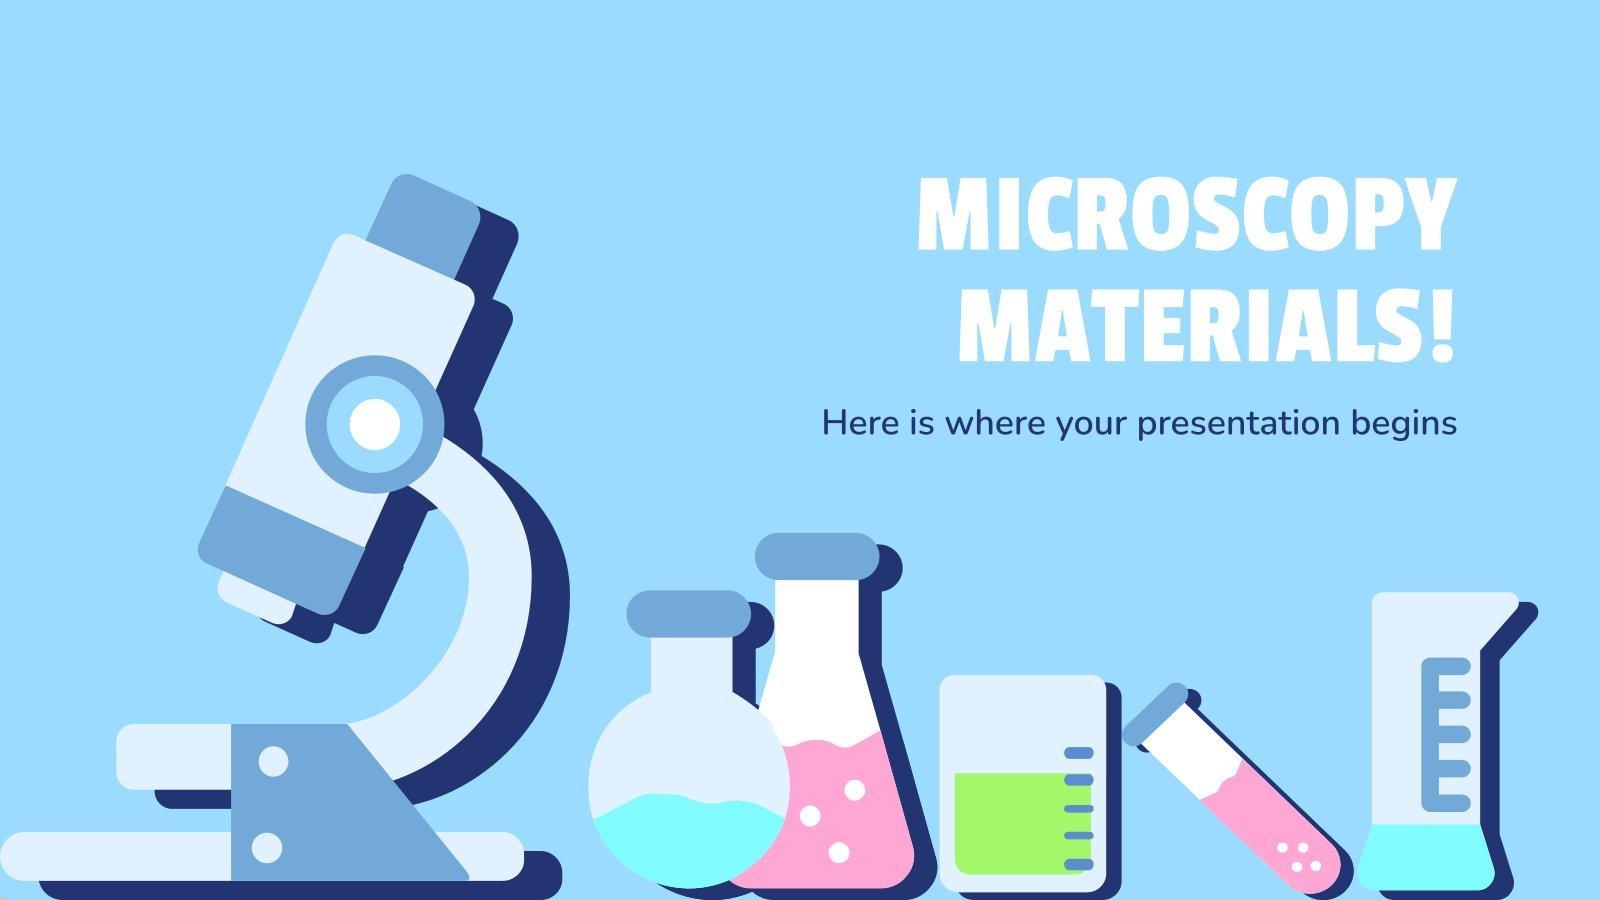 Plantilla de presentación ¡Materiales y microscopios!